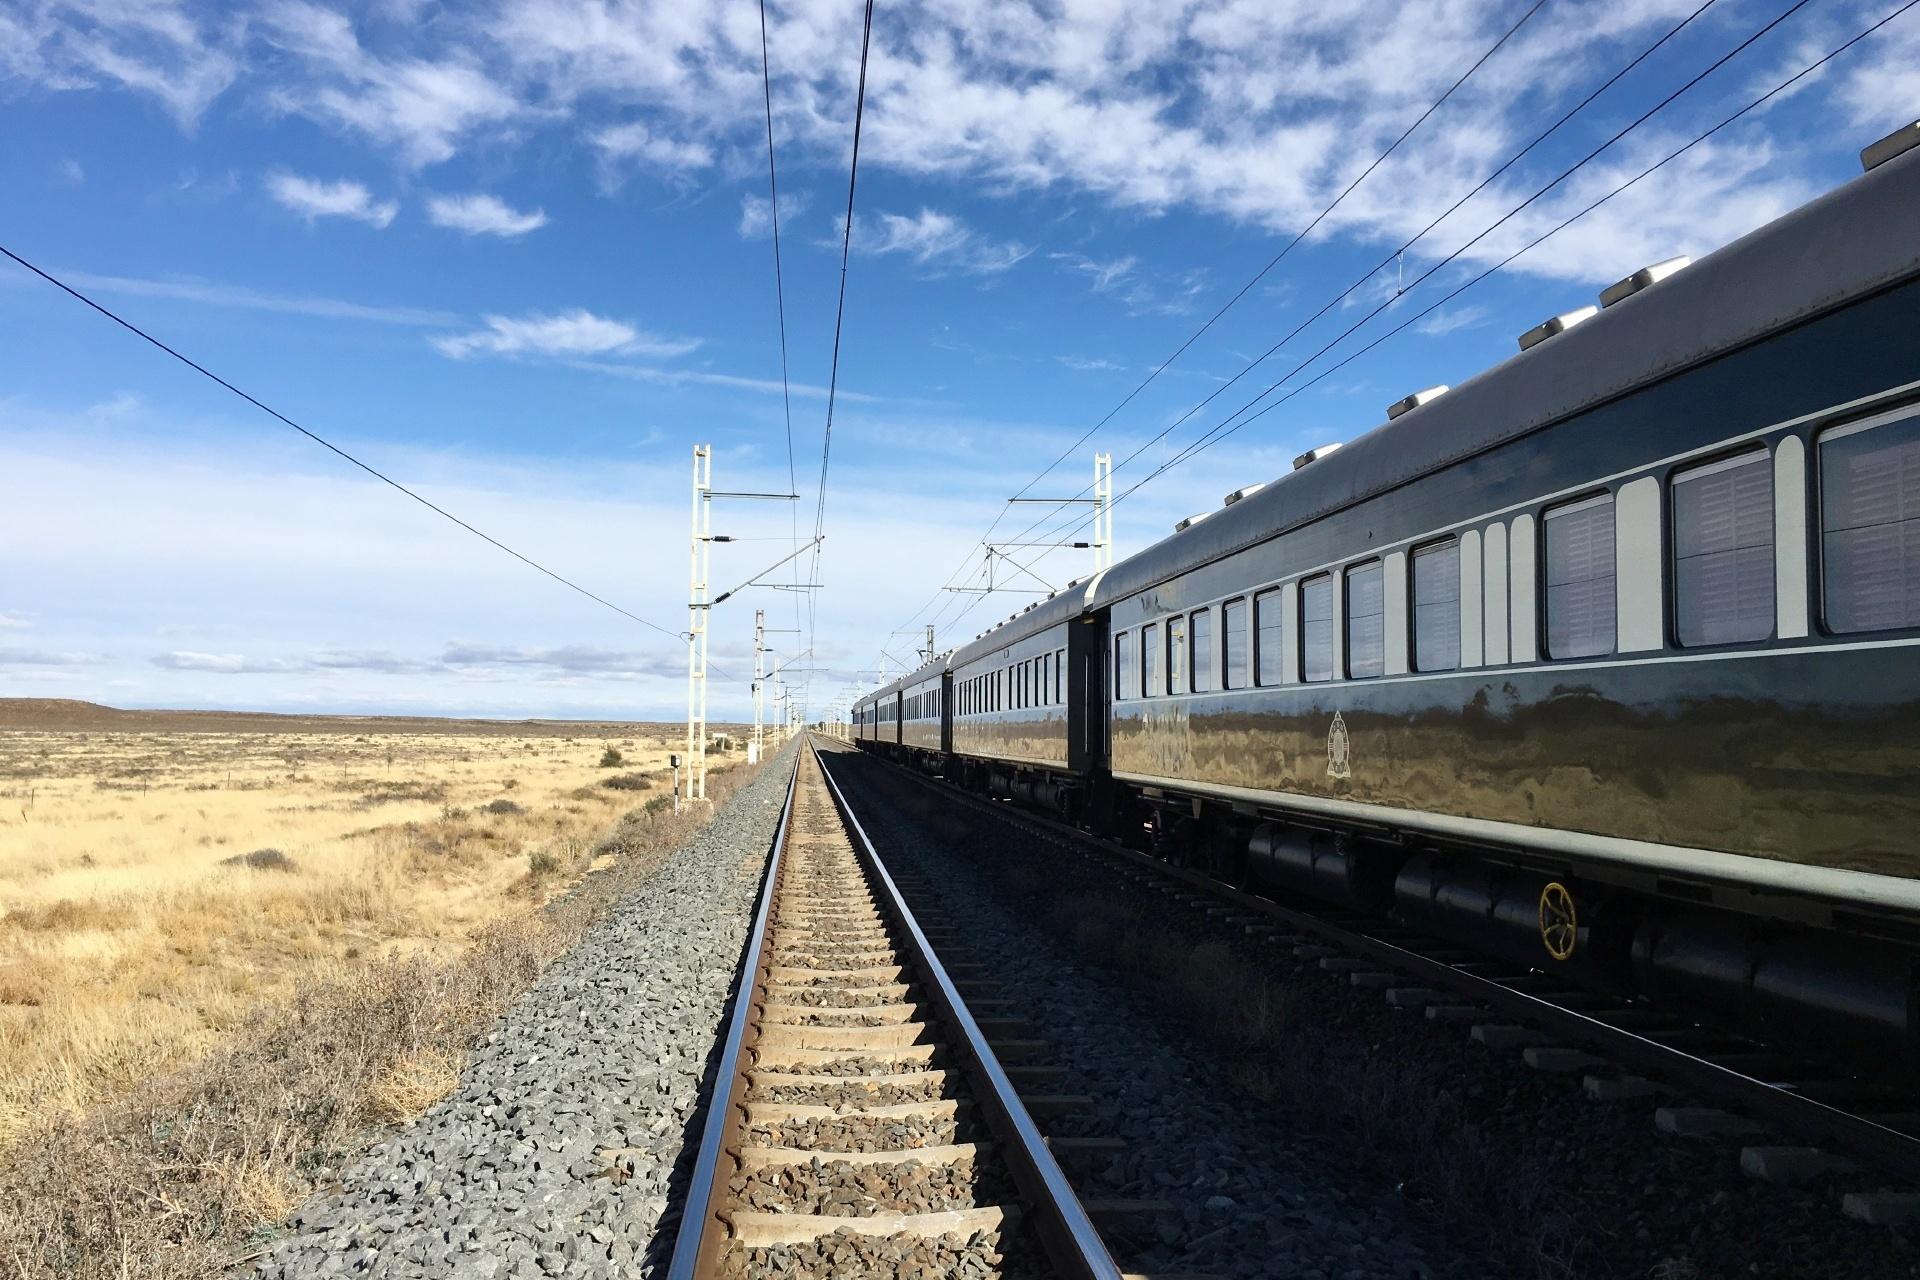 青空と鉄道の風景 南アフリカの風景